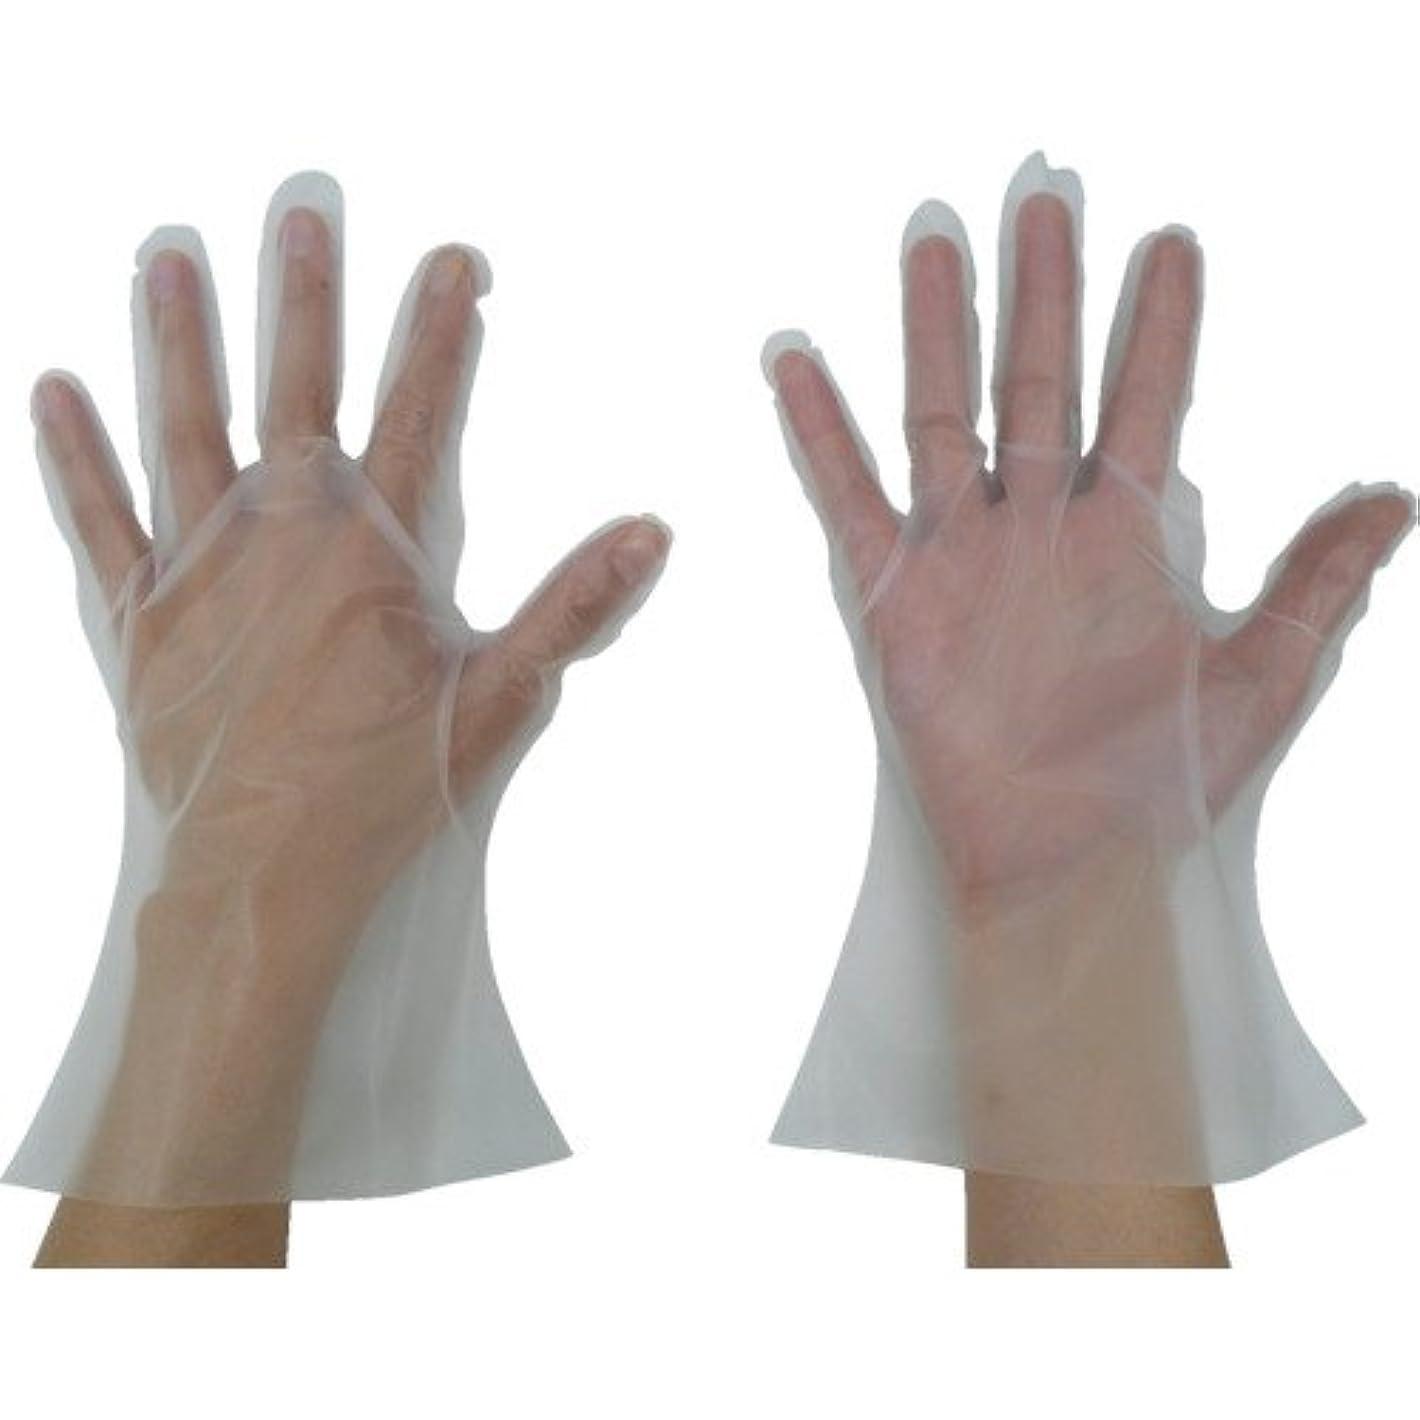 脱臼する呼び起こすコンドーム東京パック S-HYBRIDグローブニューマイジャストMS 半透明(入数:200枚) HN-MS